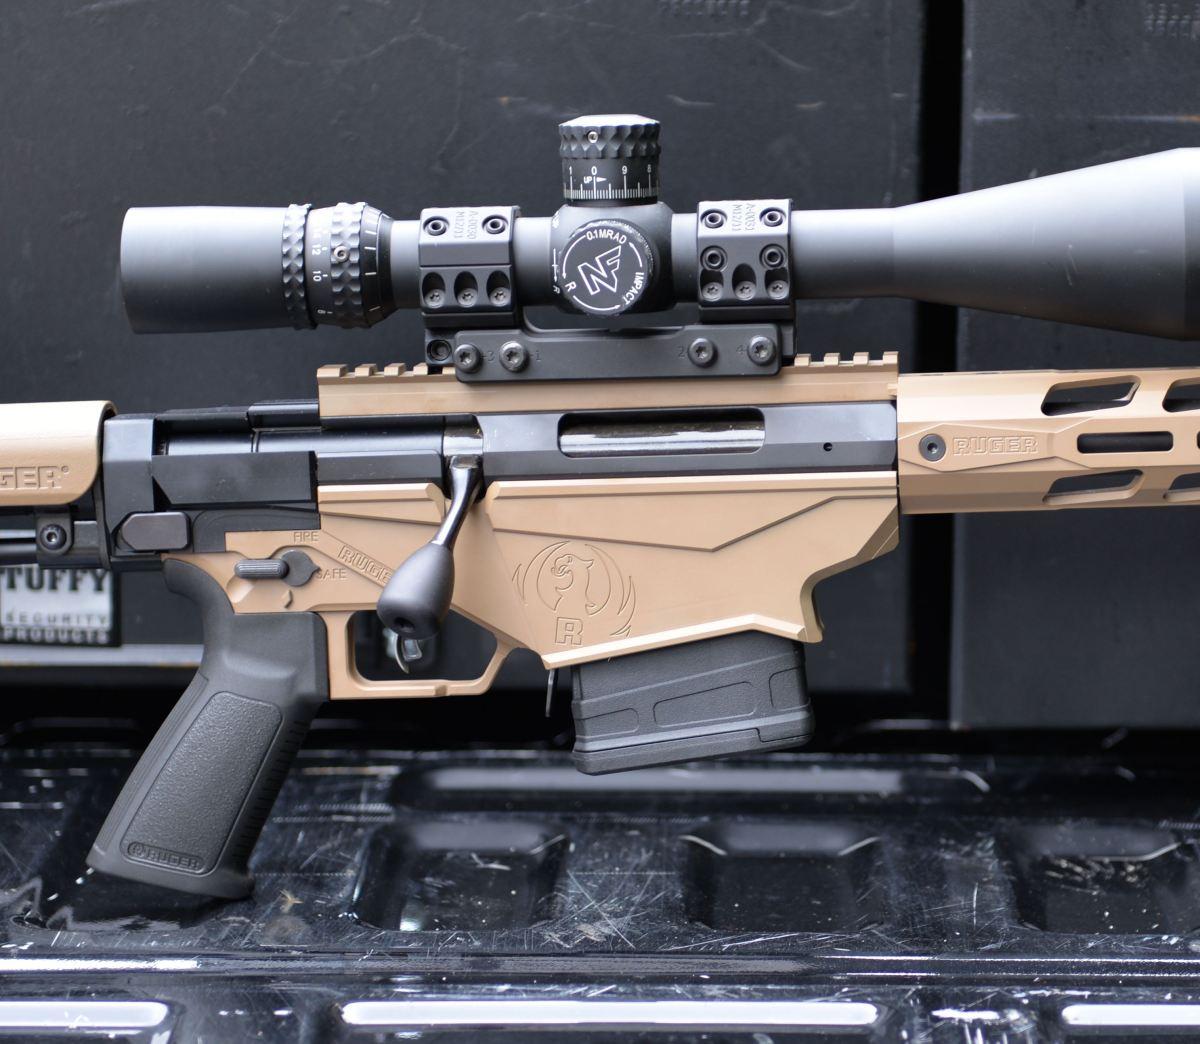 Ruger Precision Rifle Rpr Review Gen Iii 65 Creedmoor